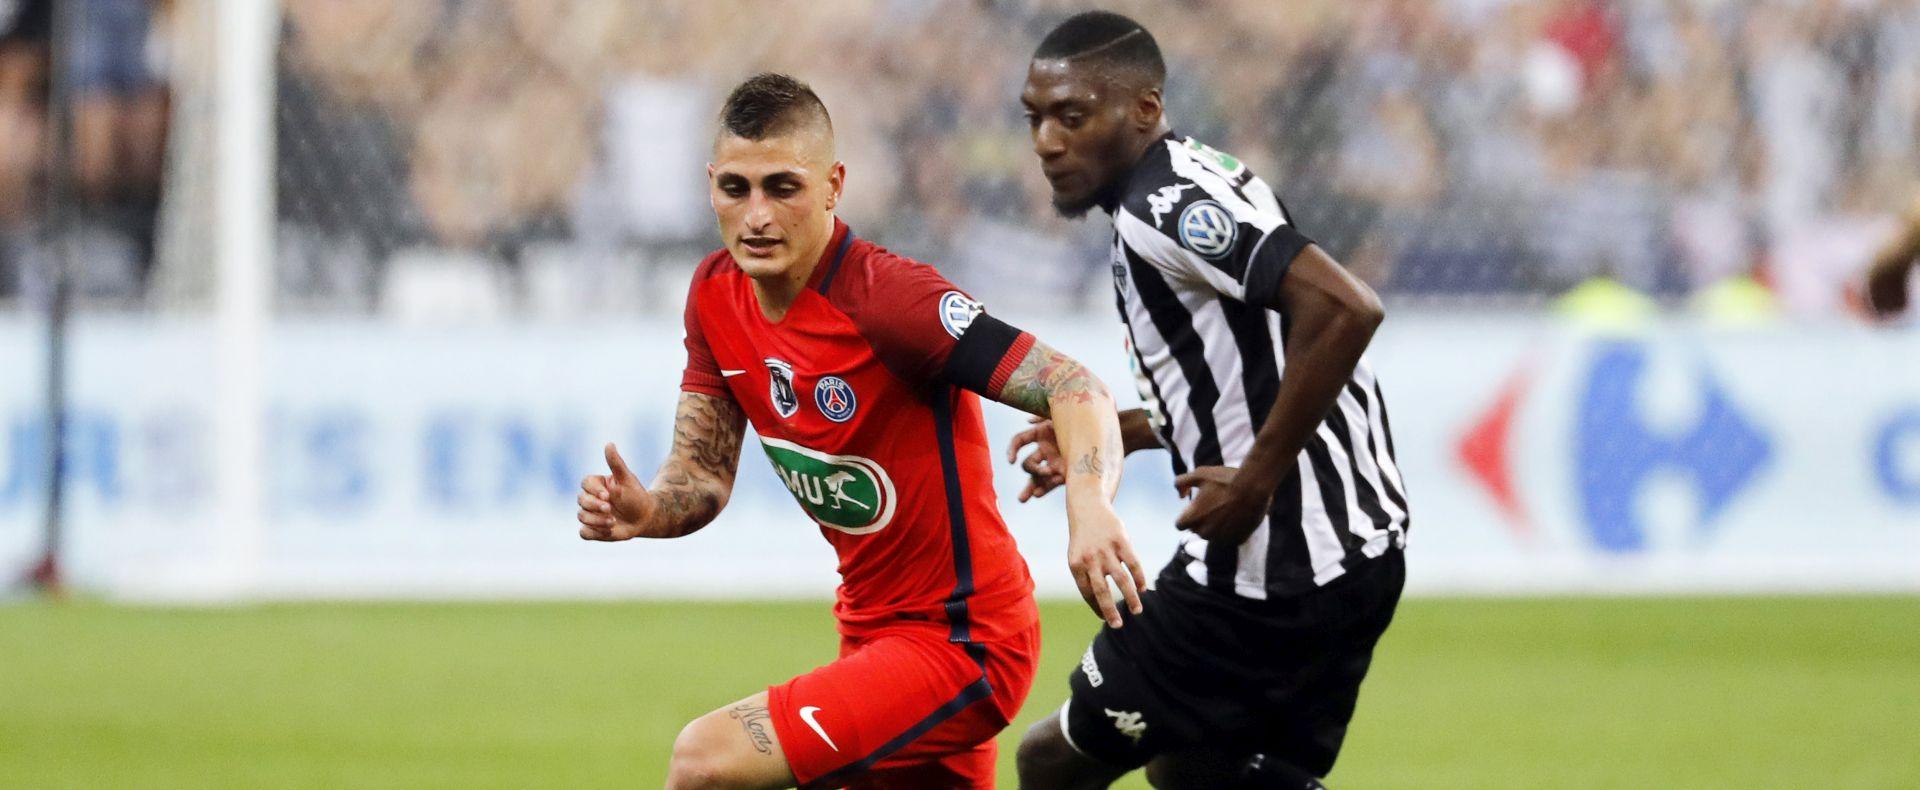 Verratti Upravi PSG-a rekao da želi napustiti klub – velikani već čekaju u redu